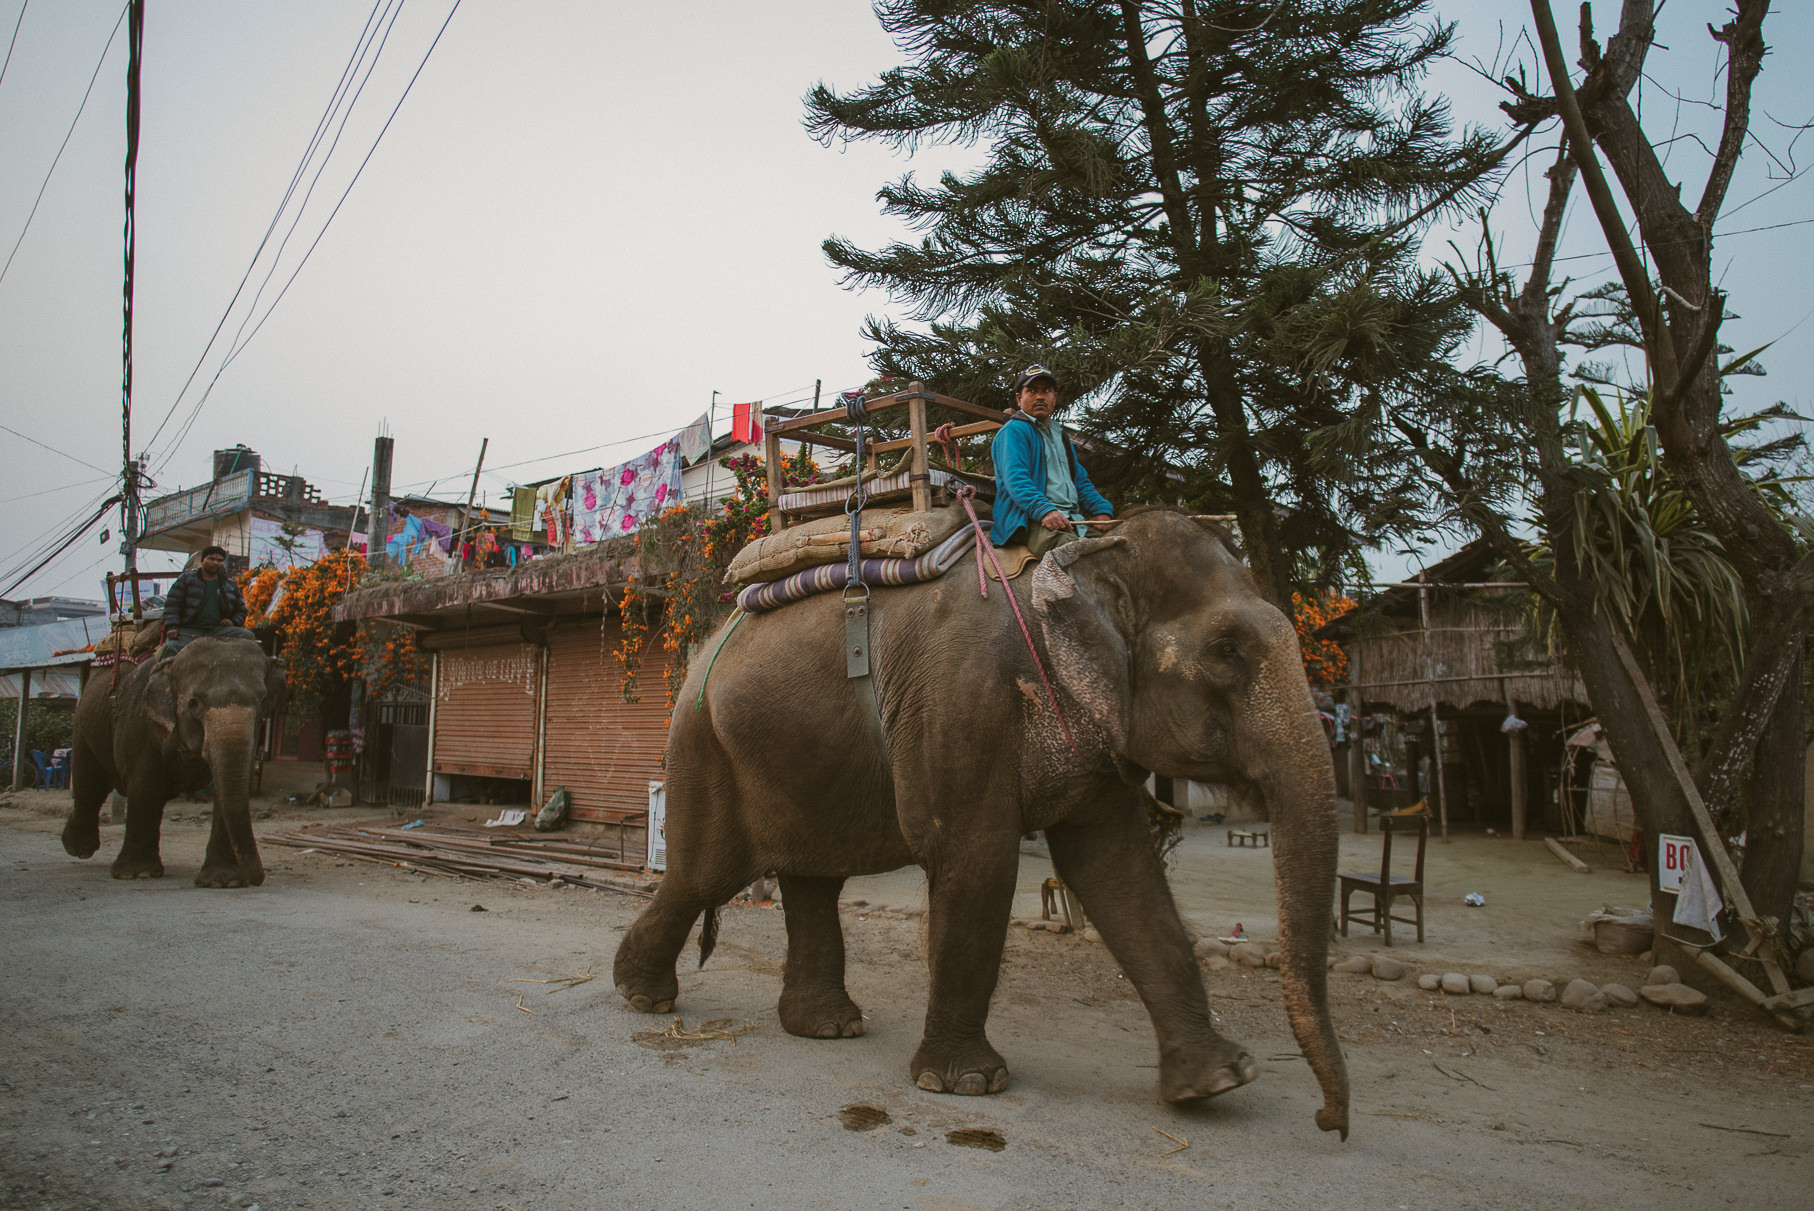 0045 anne und bjoern chitwan nationalpark nepal d75 4989 2 - Nepal Teil 3 - Roadtrip, Chitwan Nationalpark und eine spontane Hochzeit